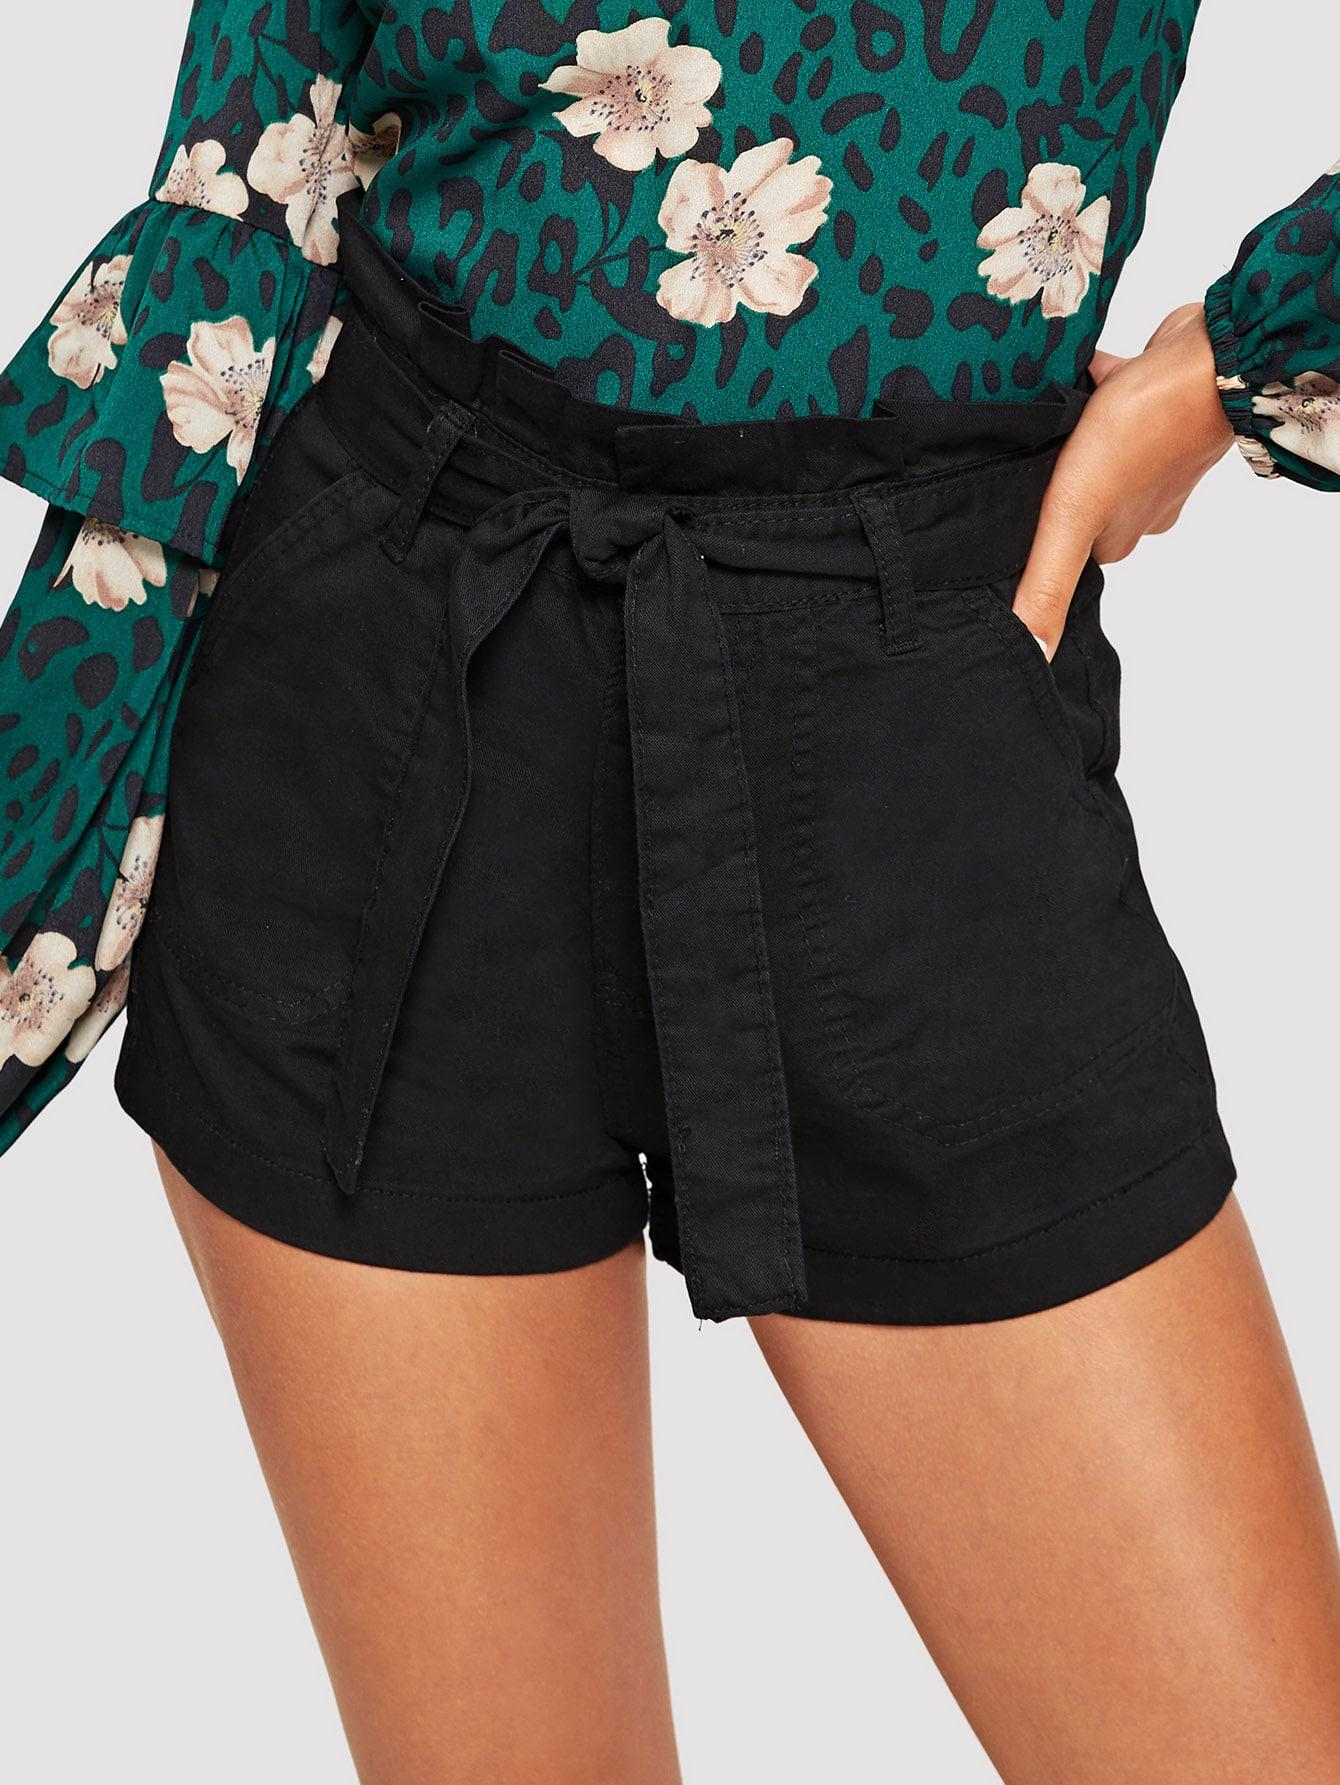 Джинсовые шорты  Черный цвета